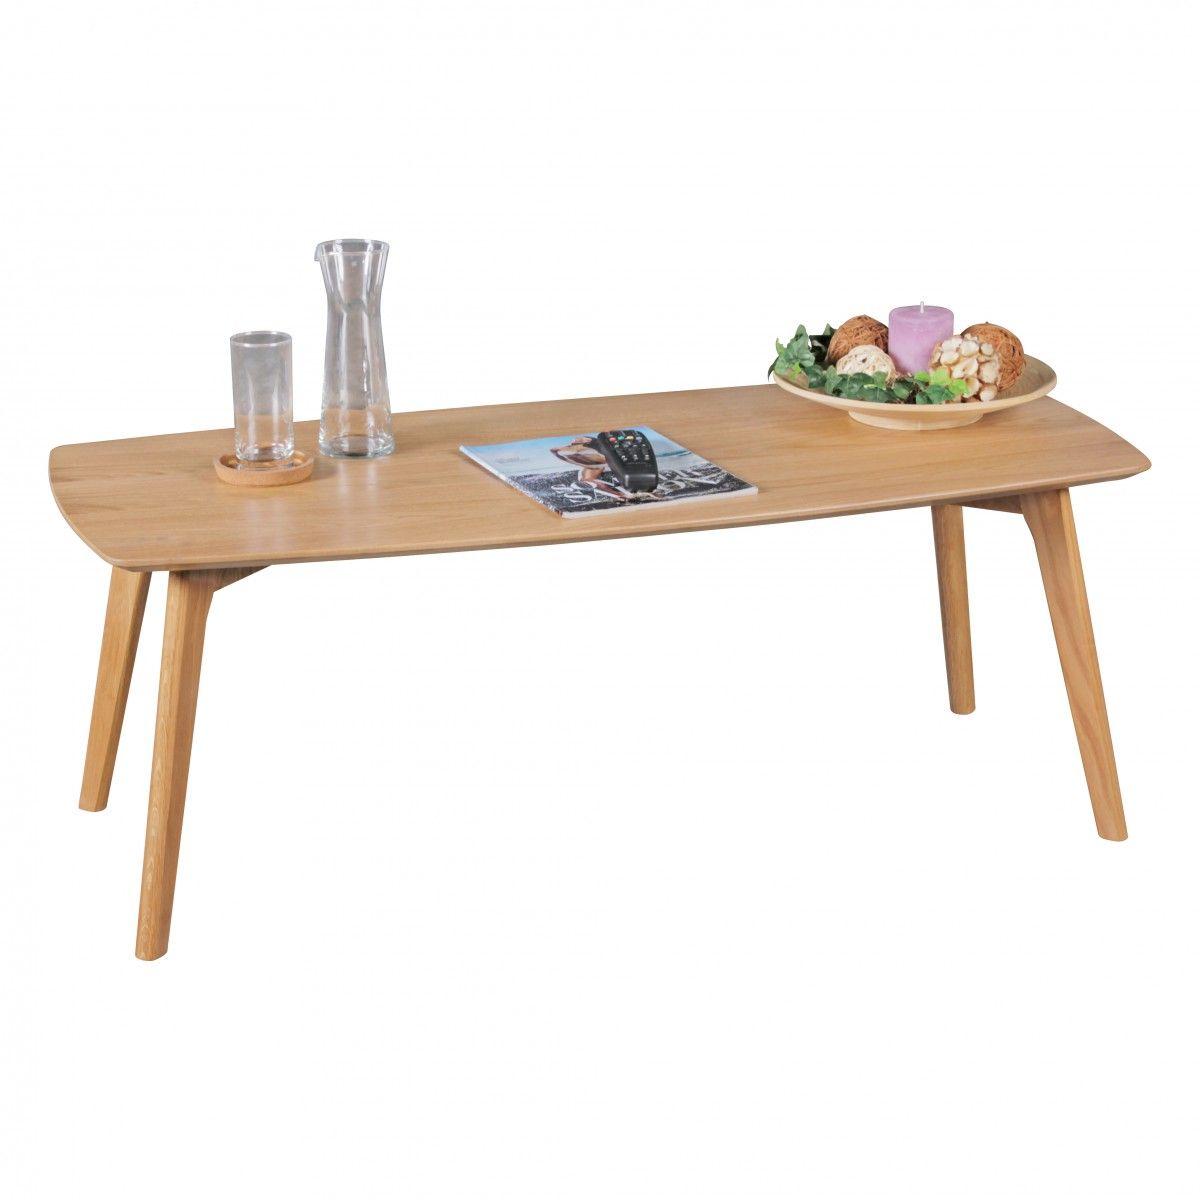 Couchtisch Tisch Jasper Mdf Eiche Furnier 110x50 Cm Landhausstil